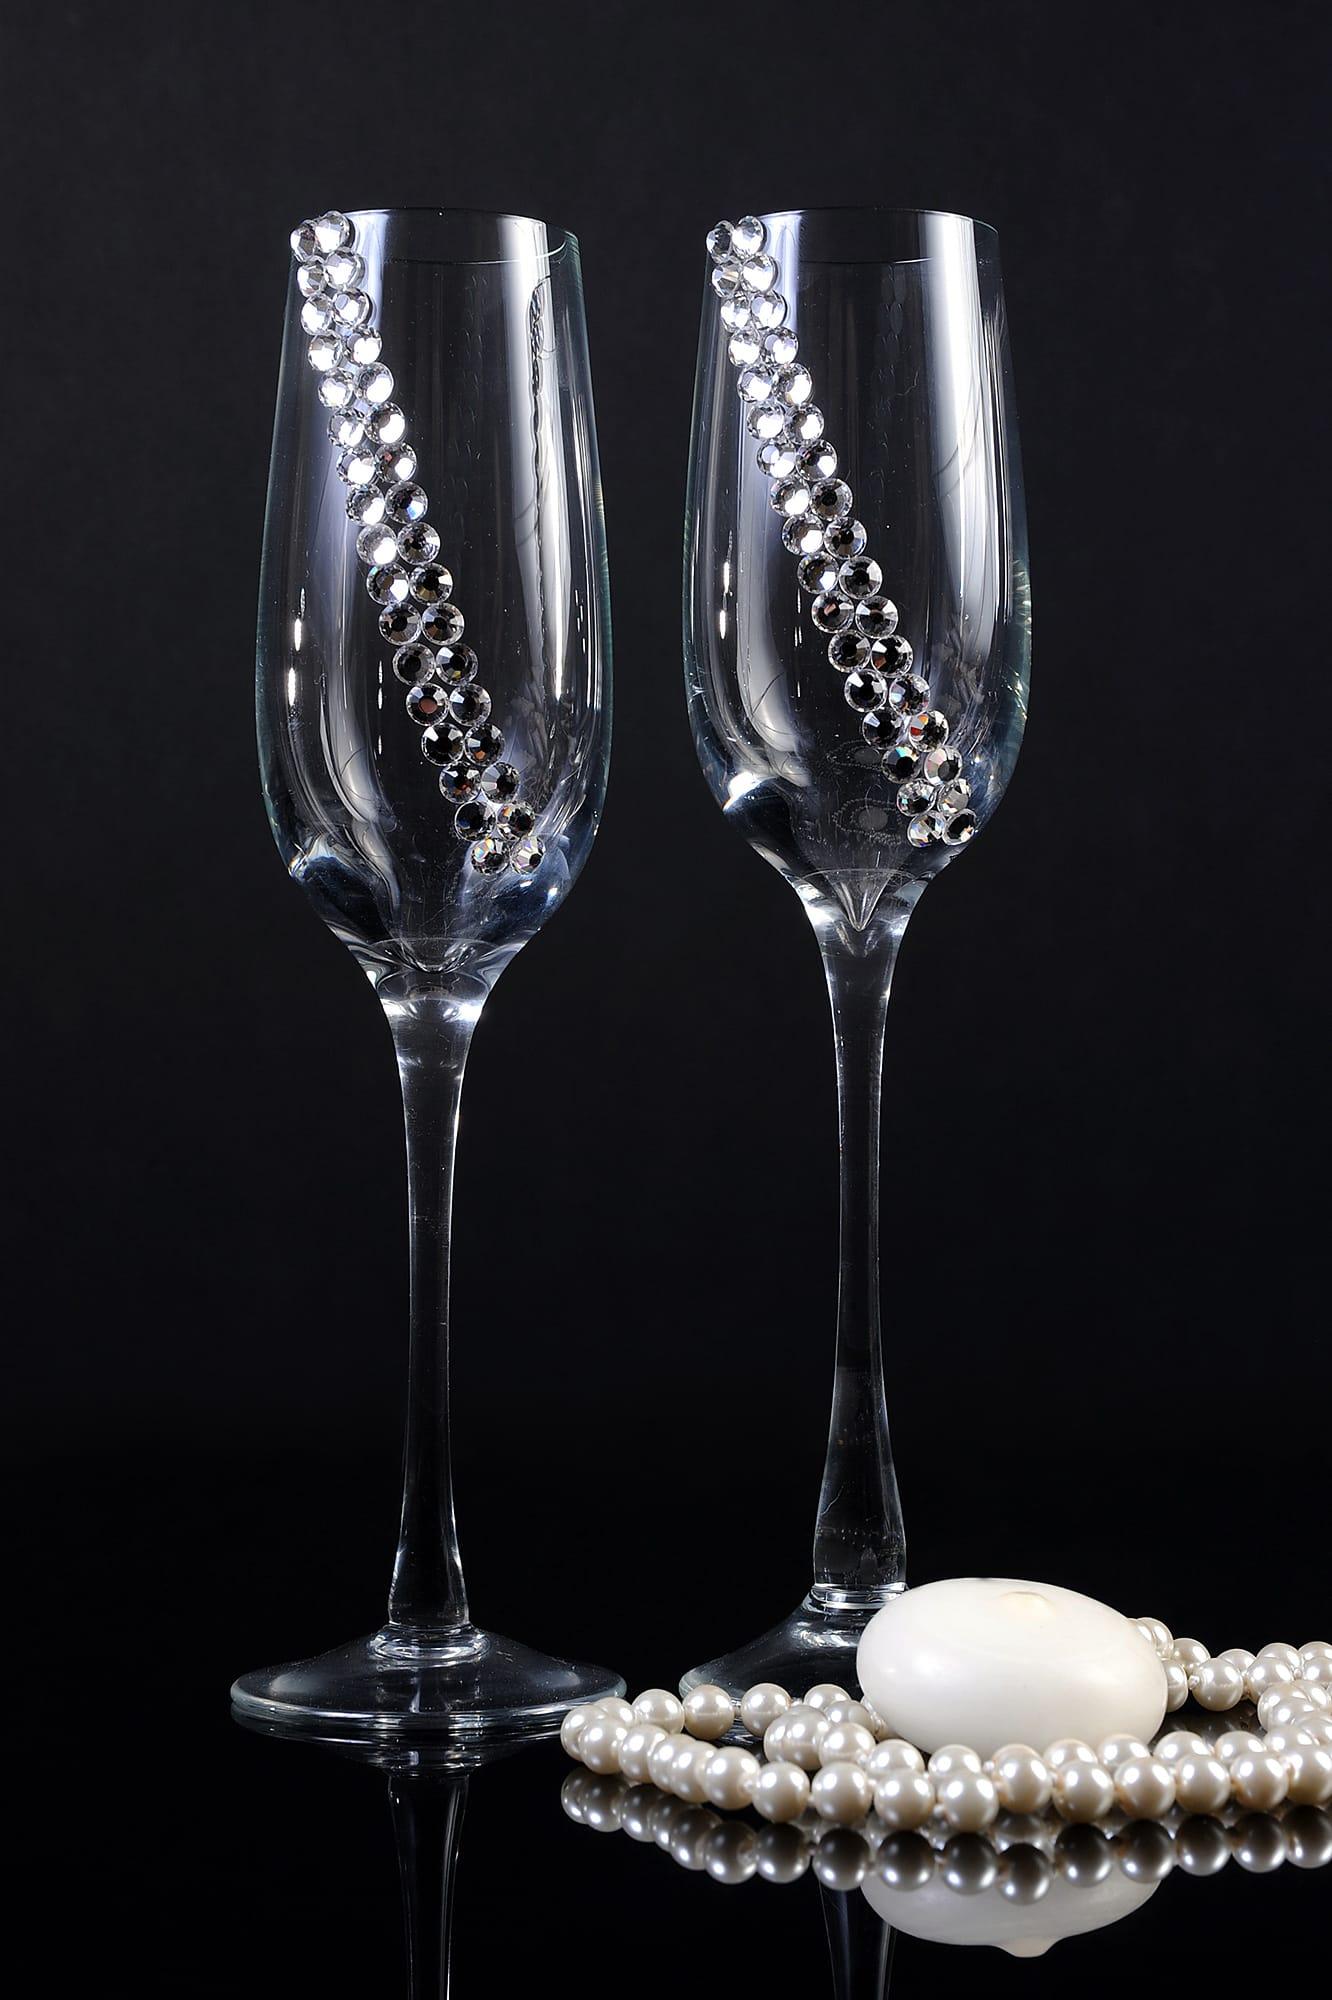 Прозрачные свадебные бокалы с отделкой из крупных серебристых стразов.